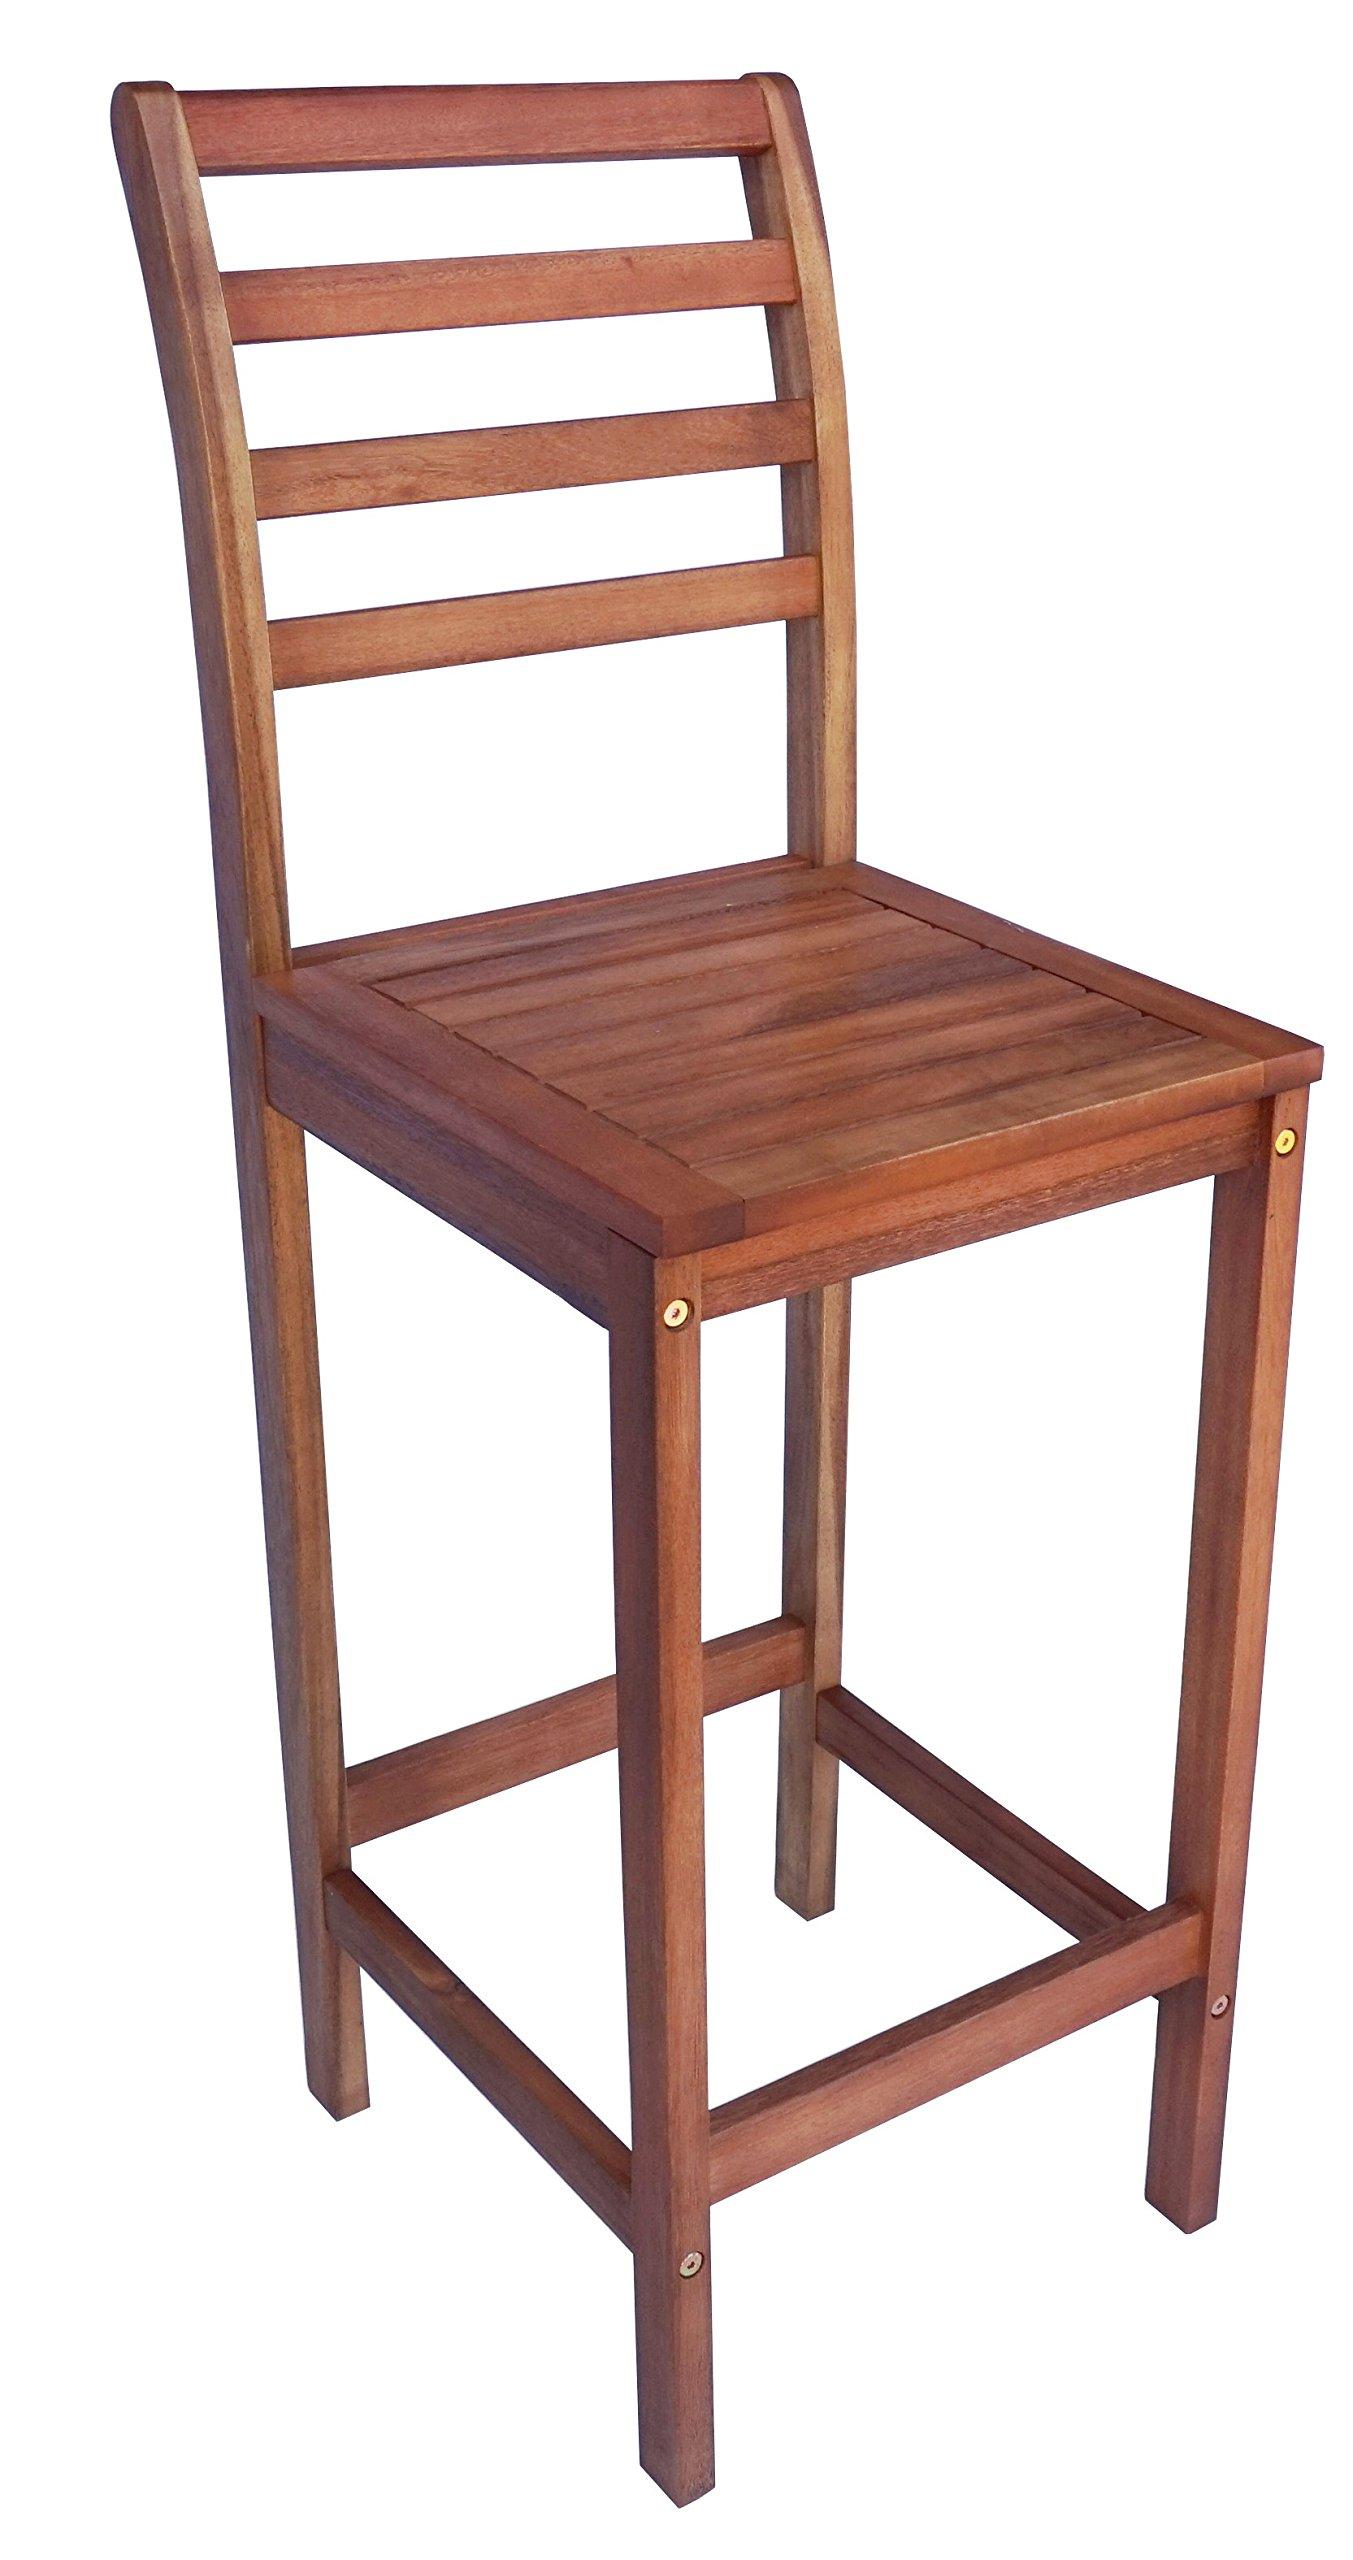 Zen Garden Eucalyptus Wood Bar Chair, Size - 16'' x 16'' x 47.5'', Set of 2, Teak Wood Finish, Teak Yellow